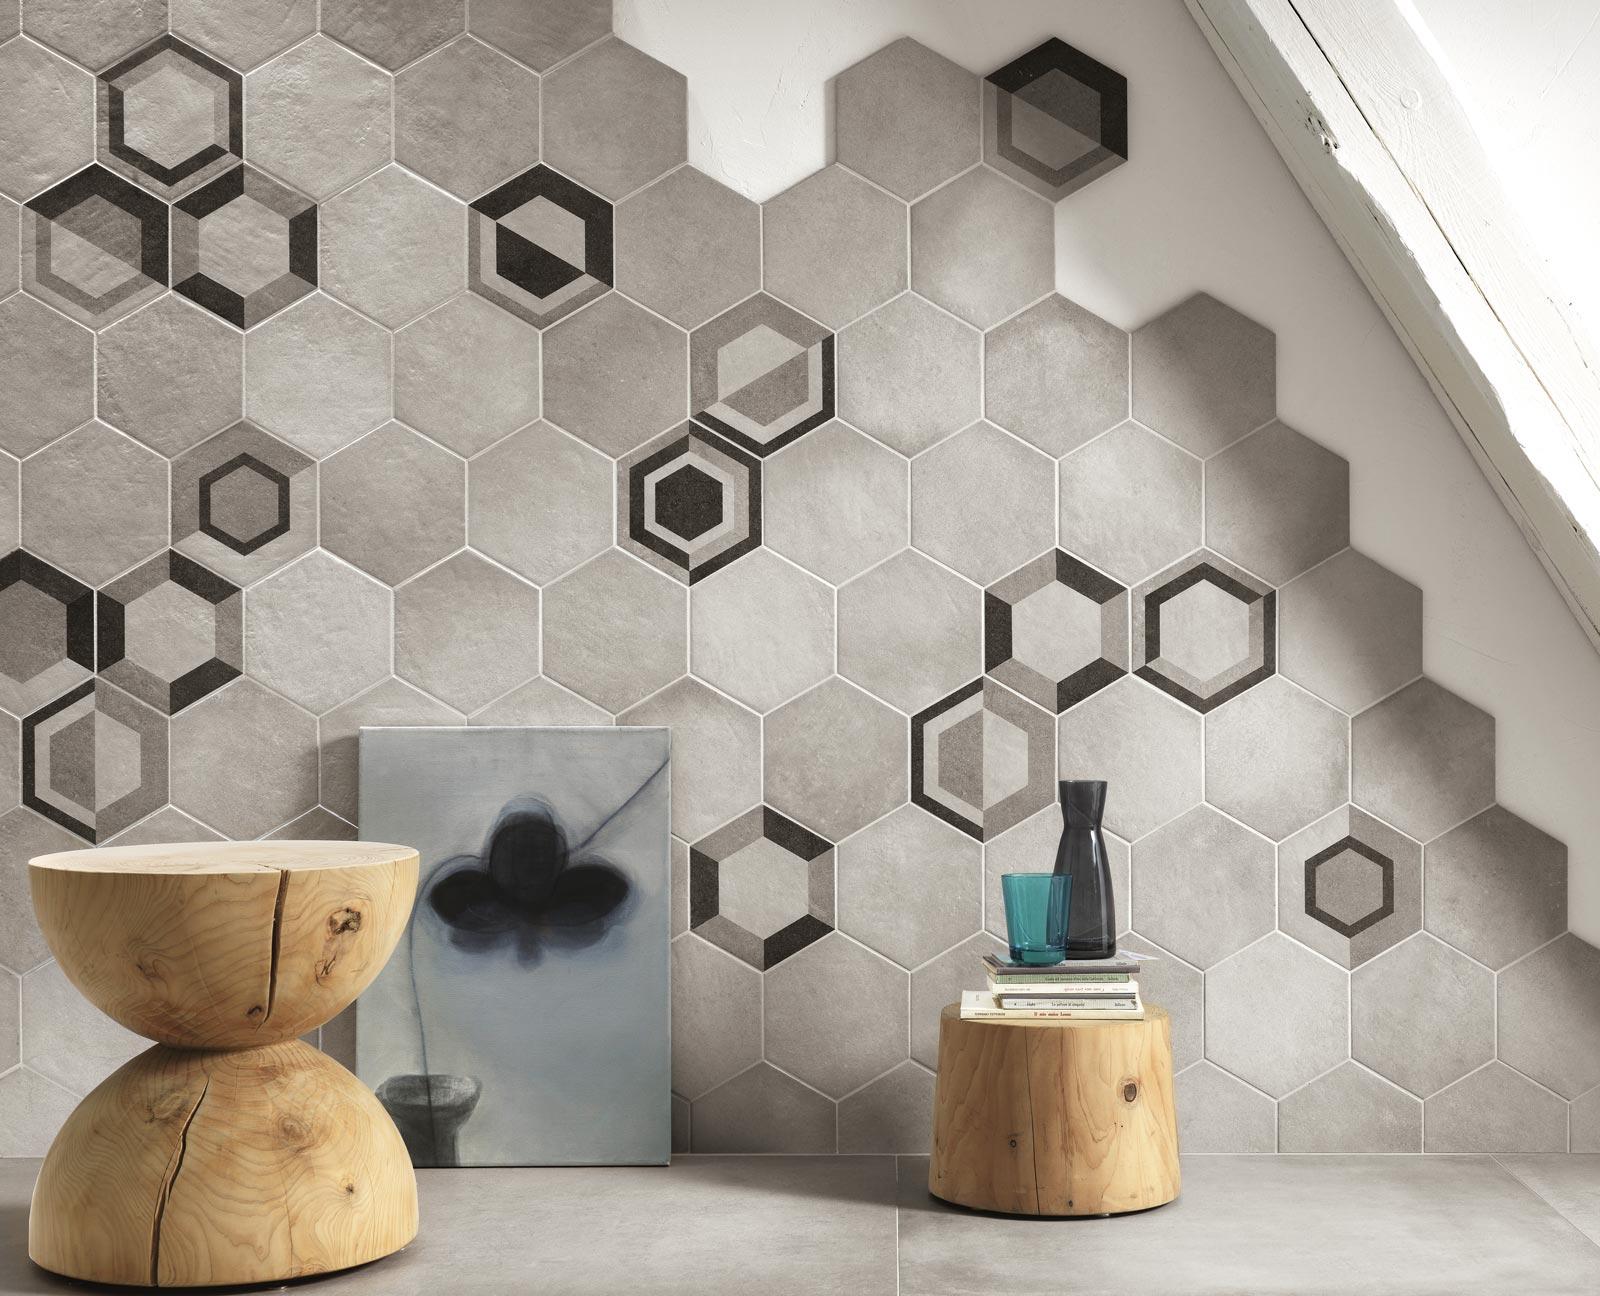 Piastrelle esagonali per decorare casa ragno